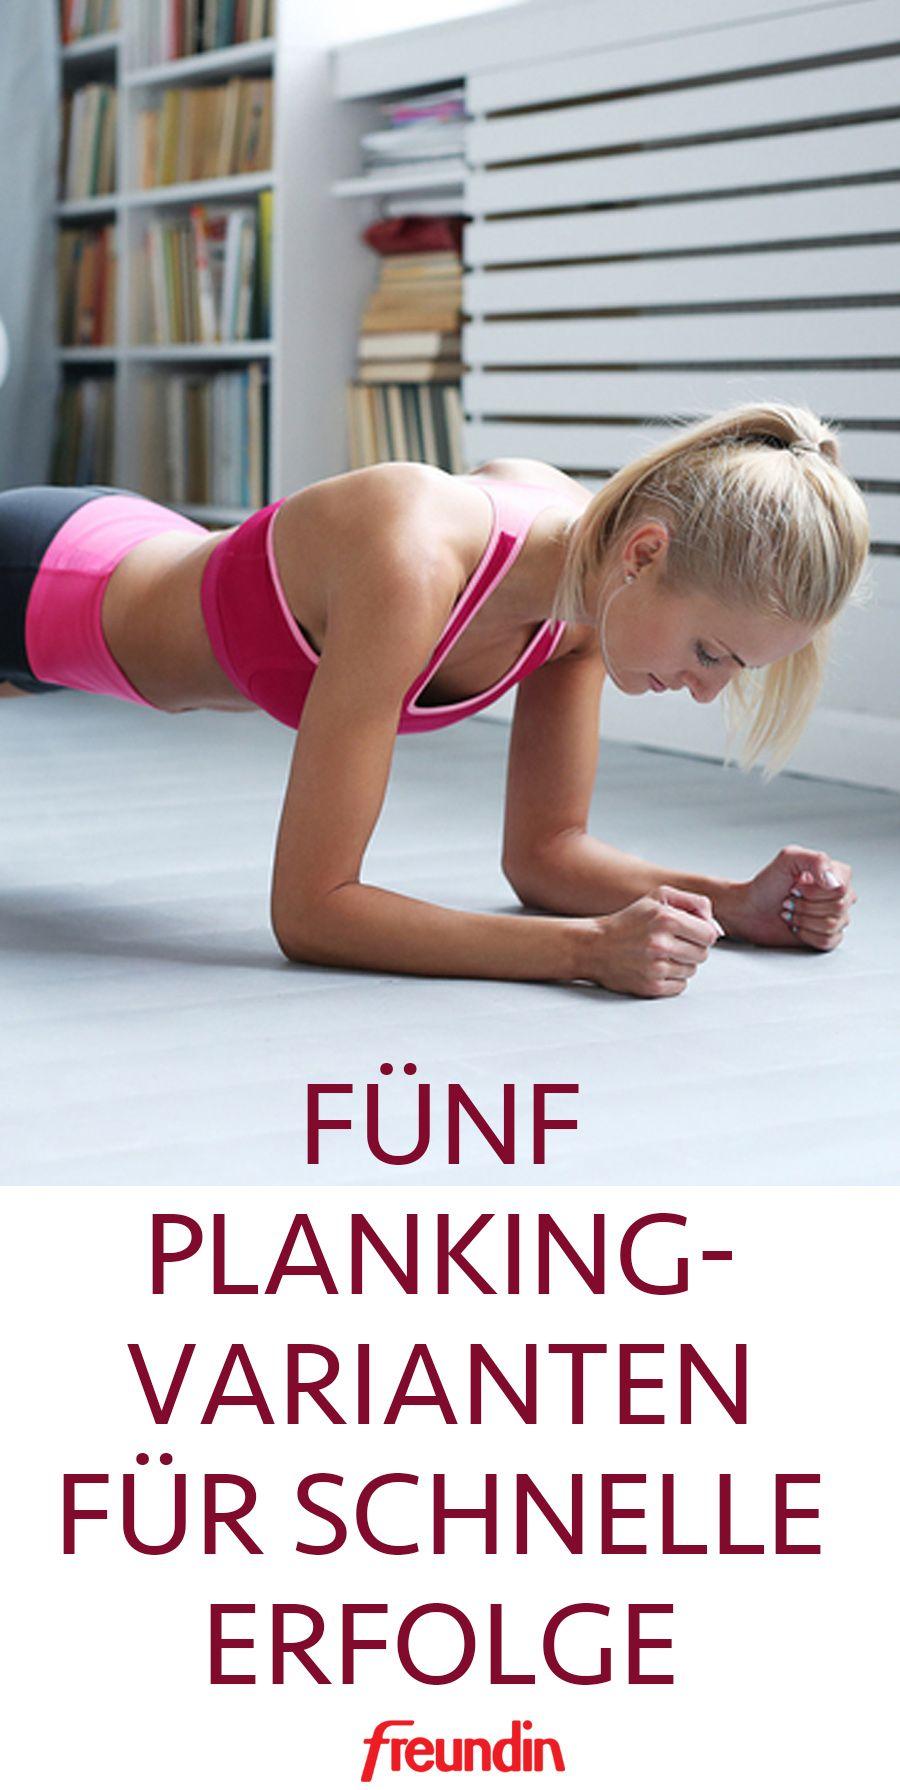 5 Planking-Varianten für schnelle Erfolge